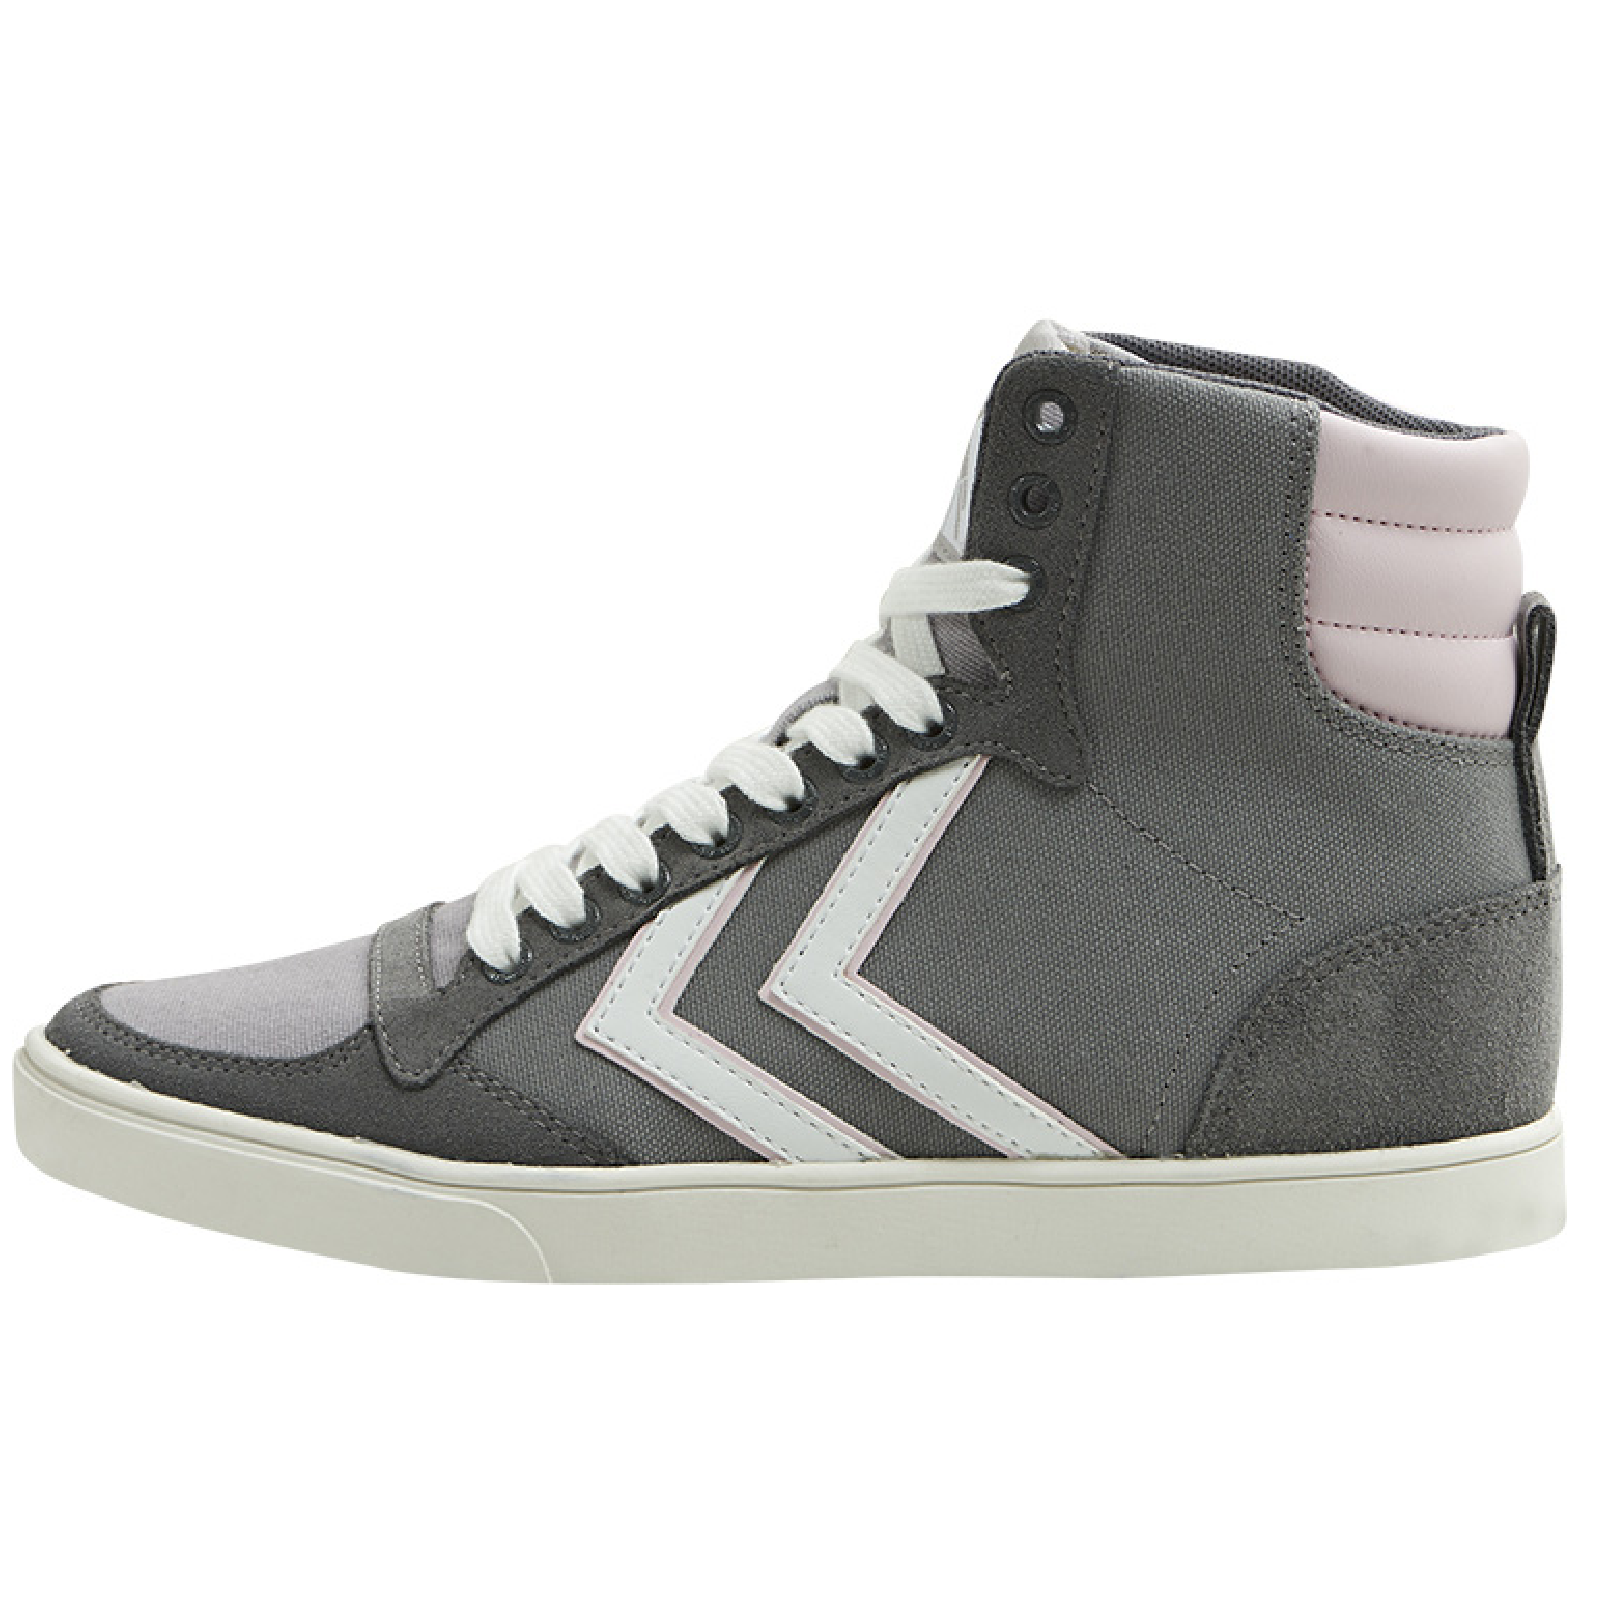 Details zu Hummel Slimmer Stadil High Sneaker Schuhe Turnschuhe Sportschuhe grau 2033722600